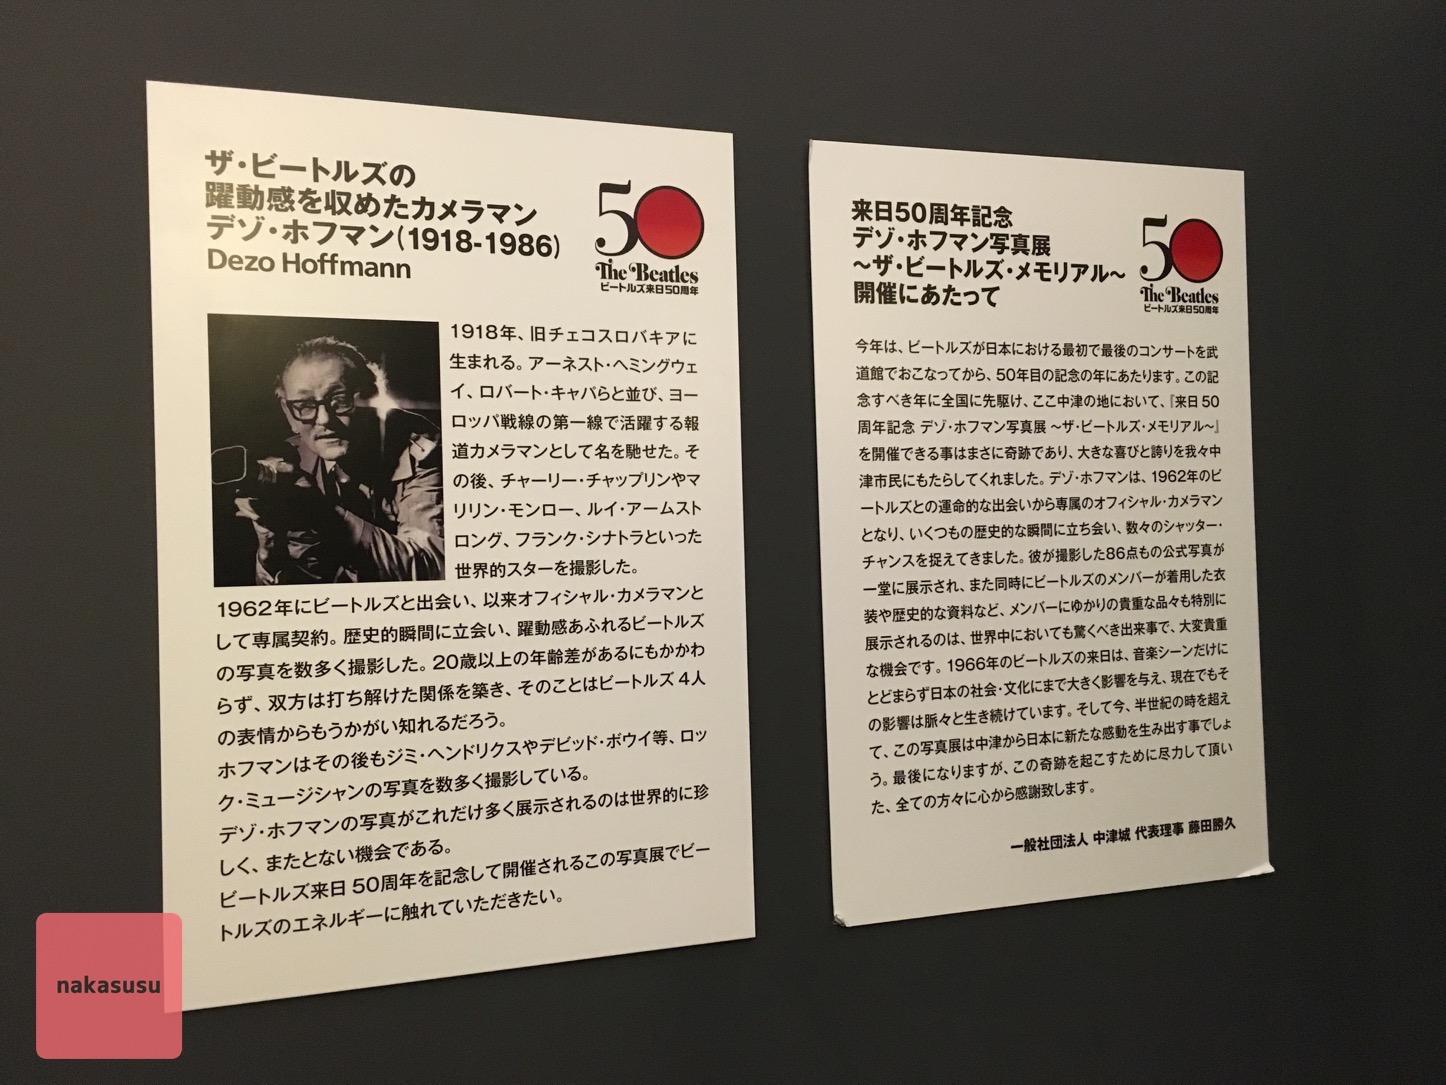 ビートルズの歴史を旅しよう!「来日50周年記念 デゾ・ホフマン写真展〜ザ・ビートルズ・メモリアル〜」